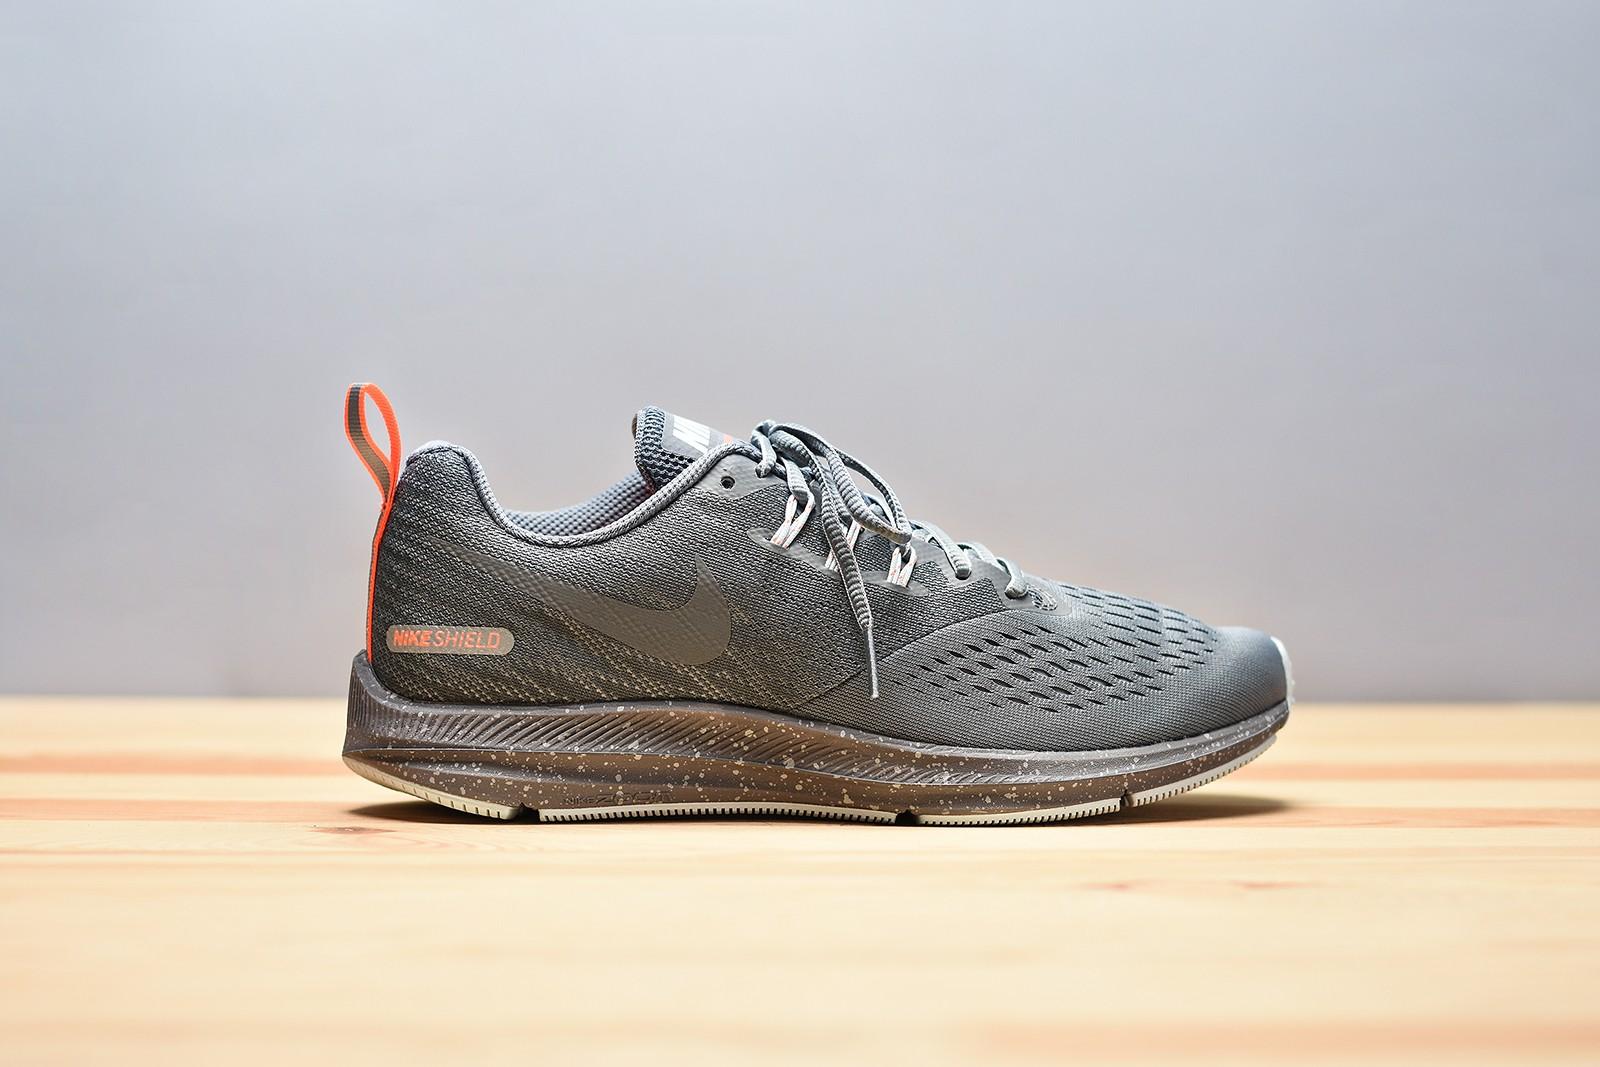 new style 207b5 dd37d Dámské Běžecké boty Nike WMNS ZOOM WINFLO 4 SHIELD